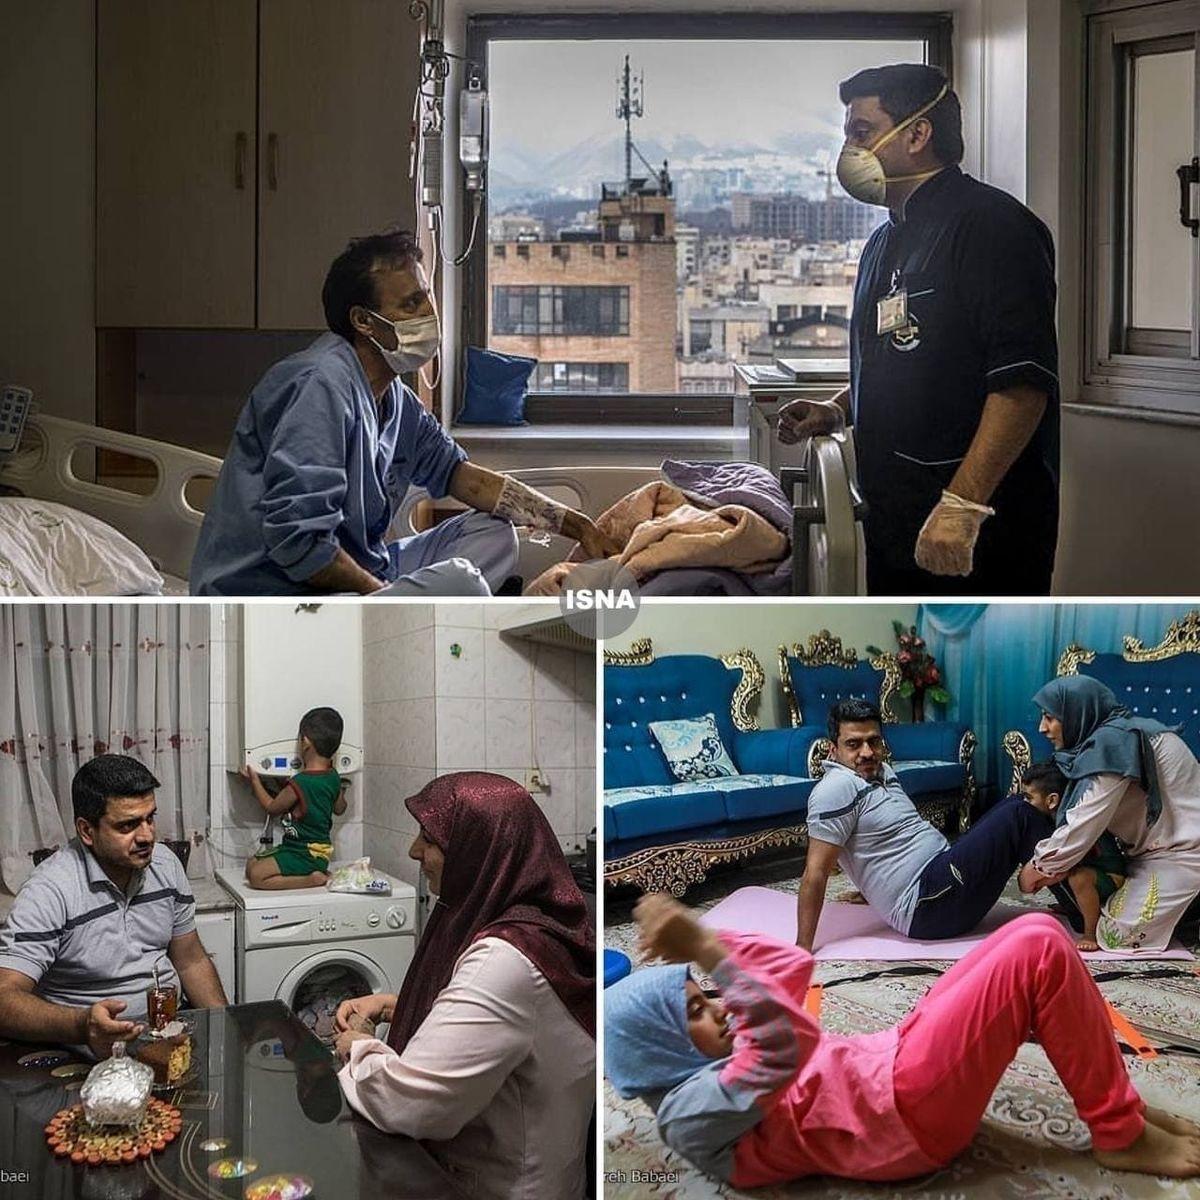 زندگی جالب شگفتیساز کاروان ایران در المپیک/تصاویری از زندگی حرفهای و شخصی جواد فروغی